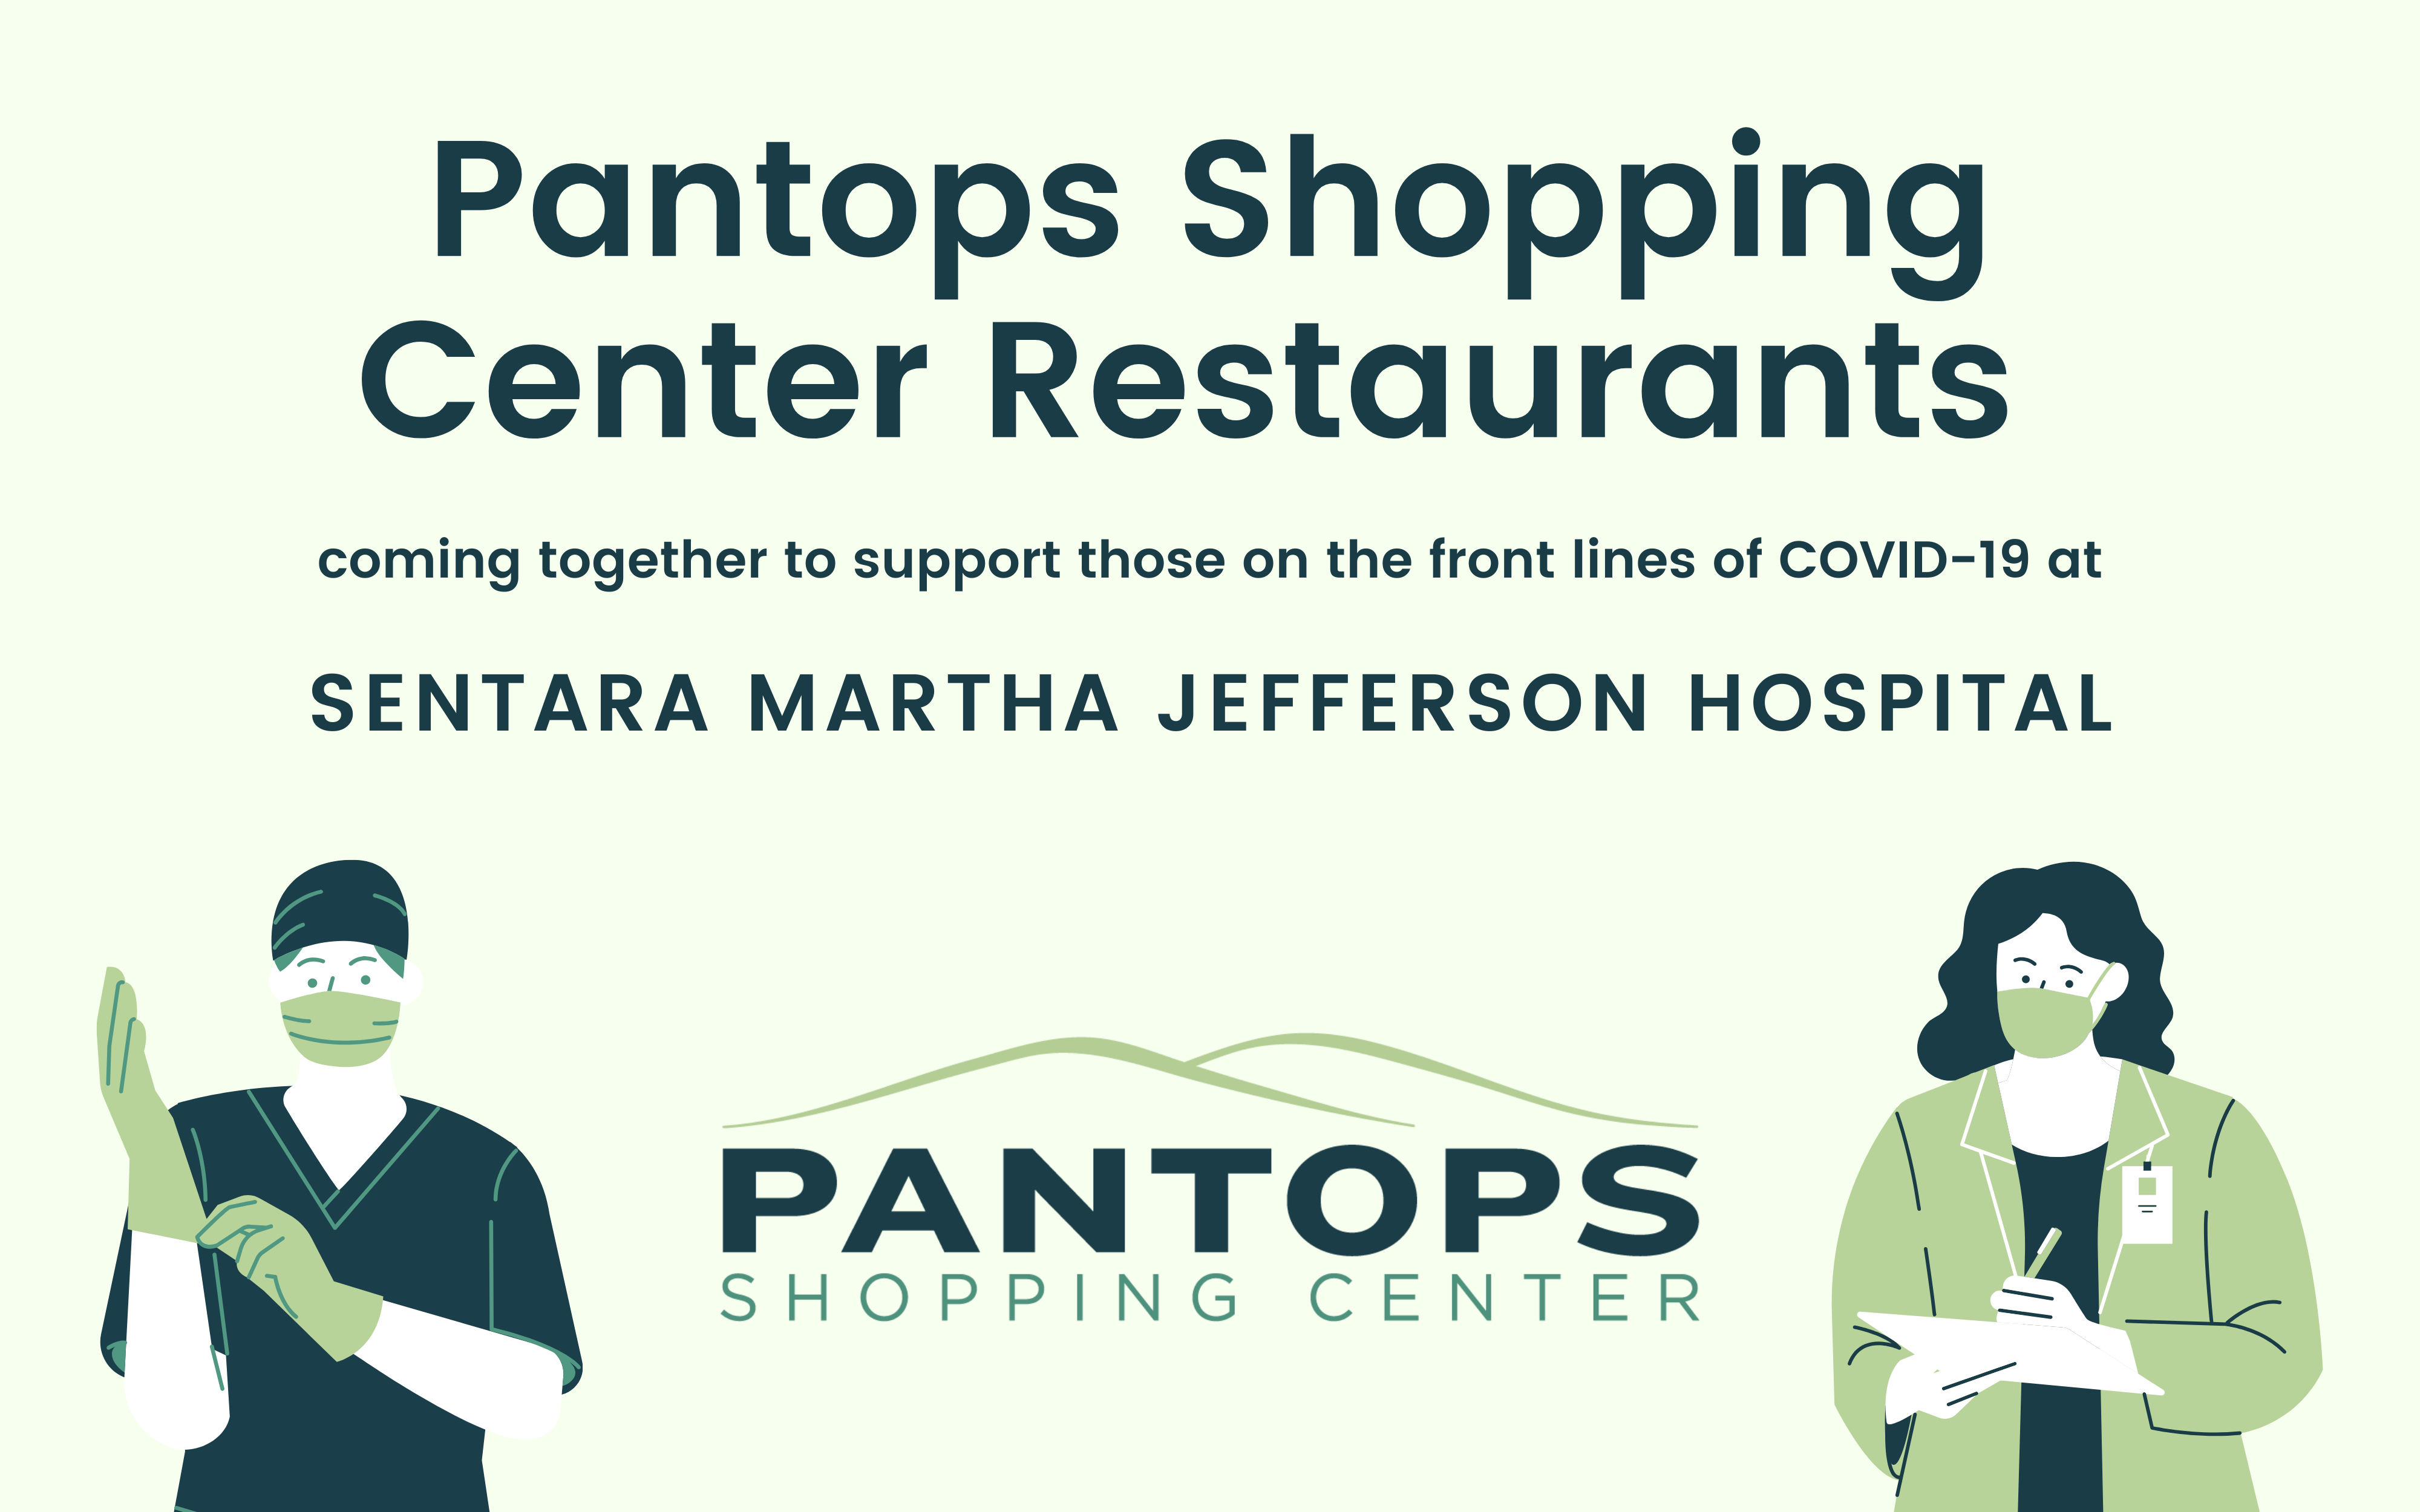 Pantops Restaurants Support Front Line Workers